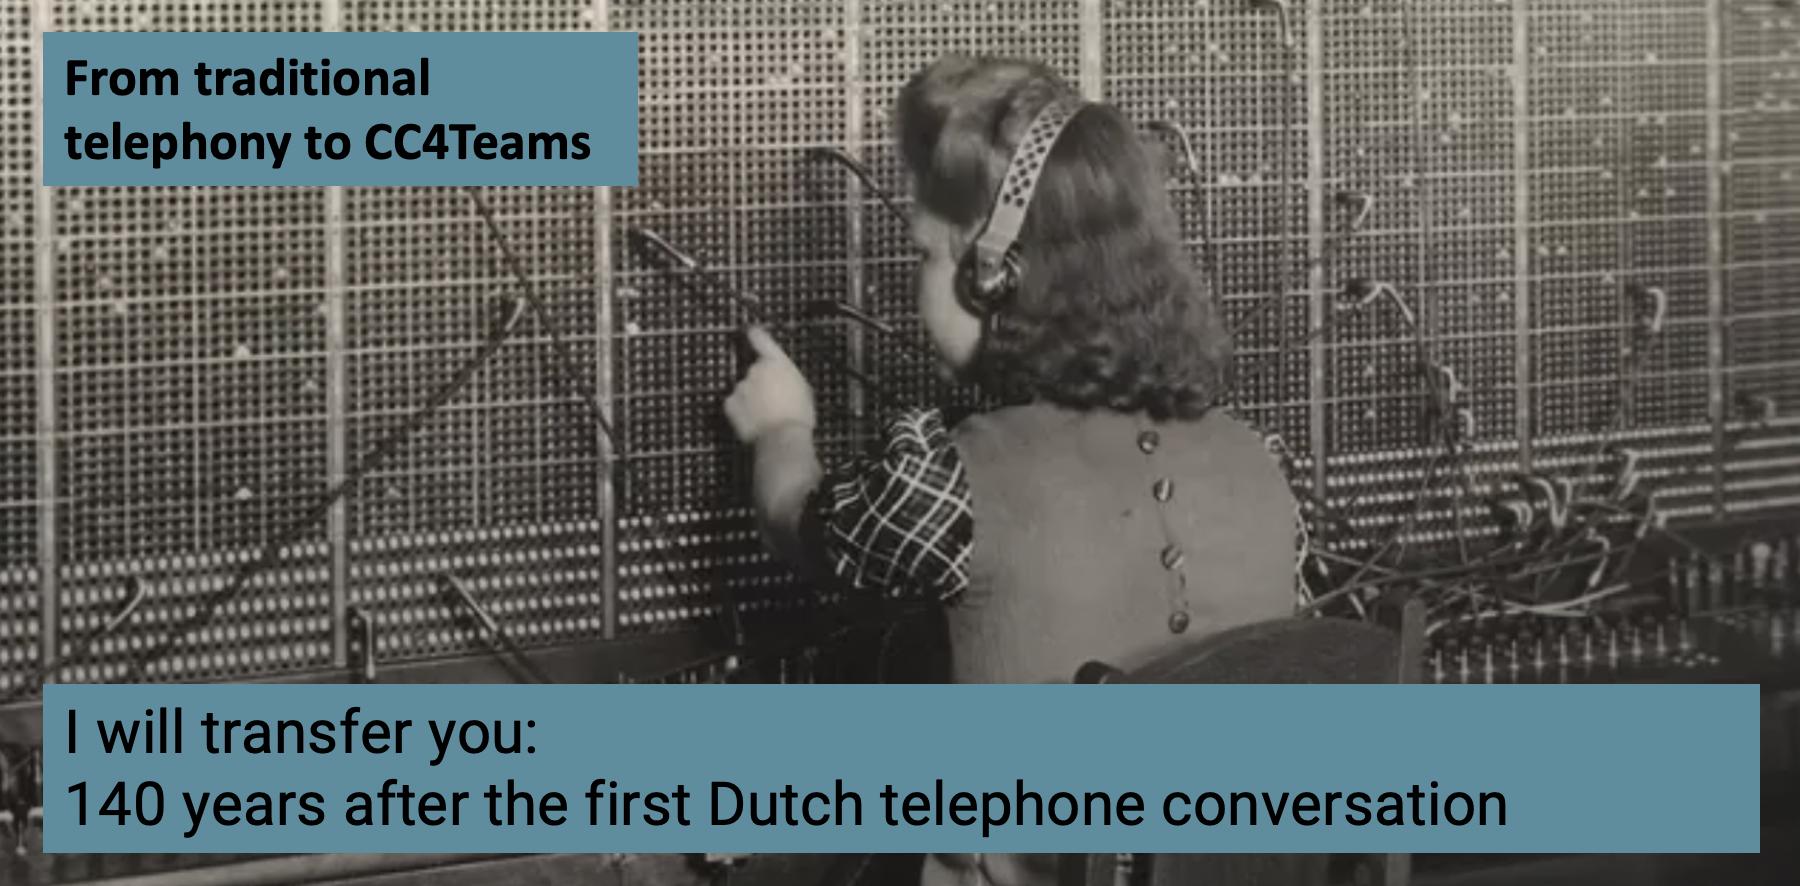 140 years of telephony